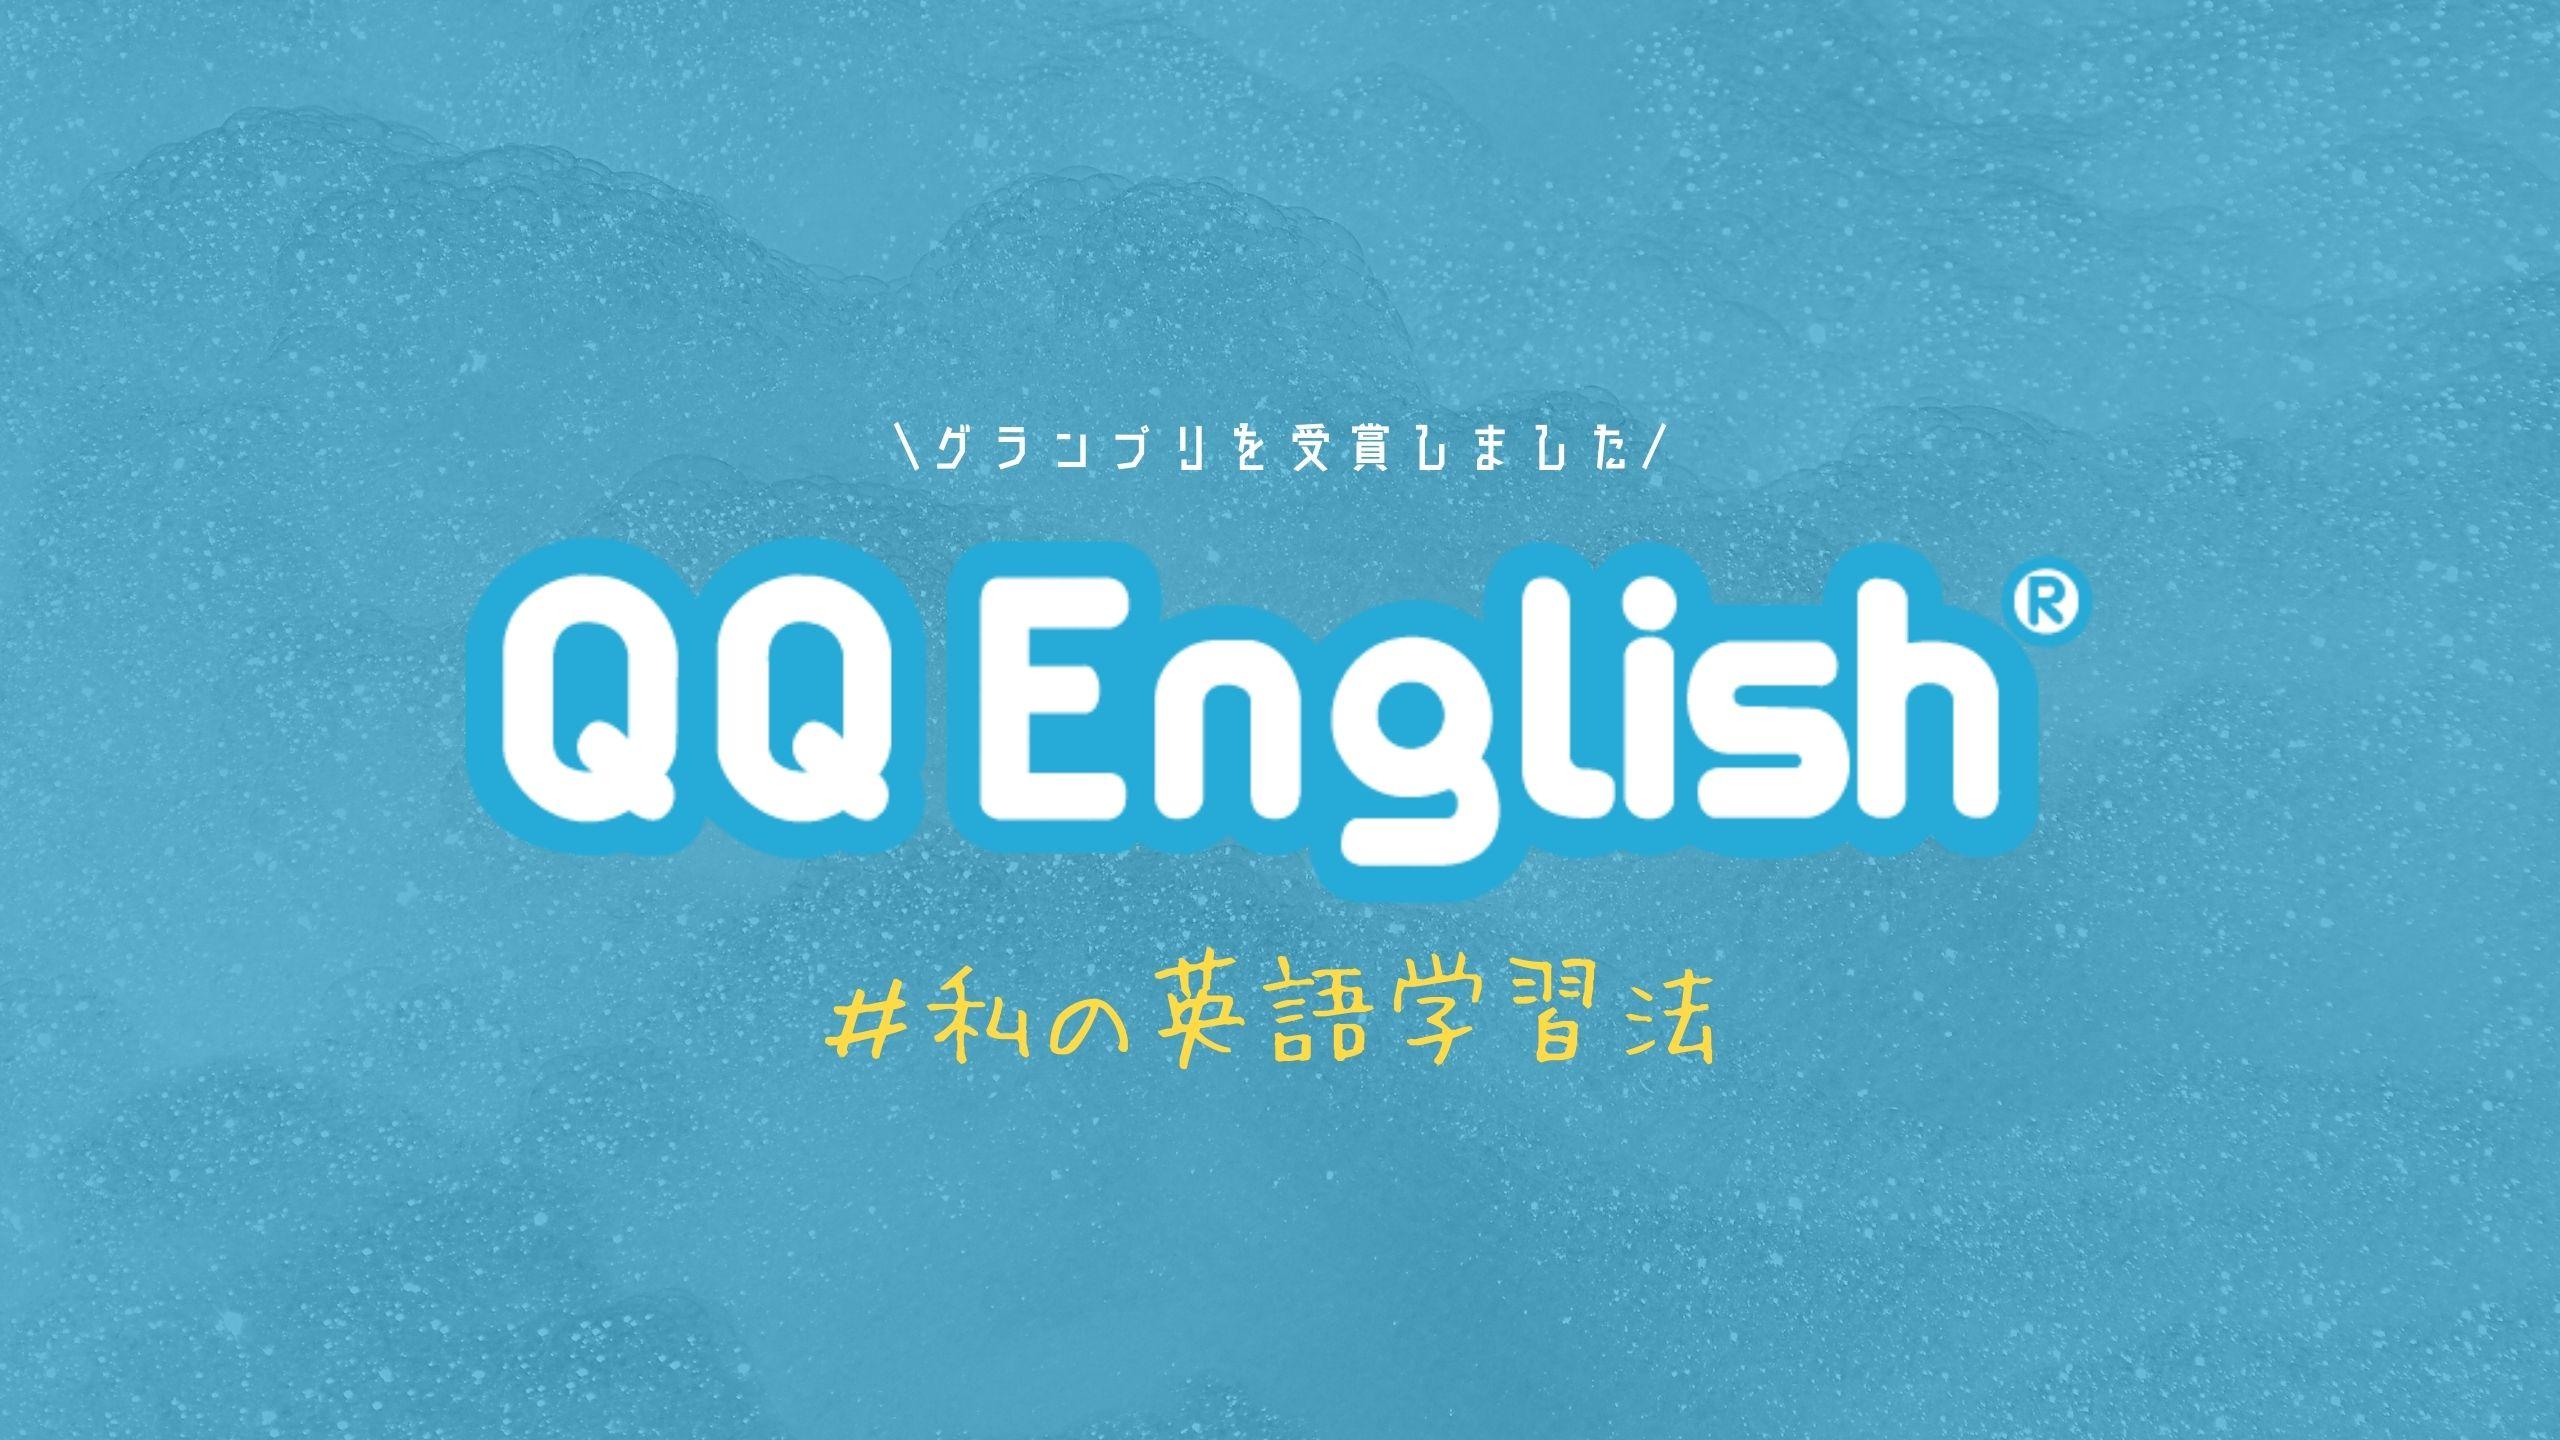 QQ Englishさんの企画「#私の英語学習法」でグランプリを受賞しました。